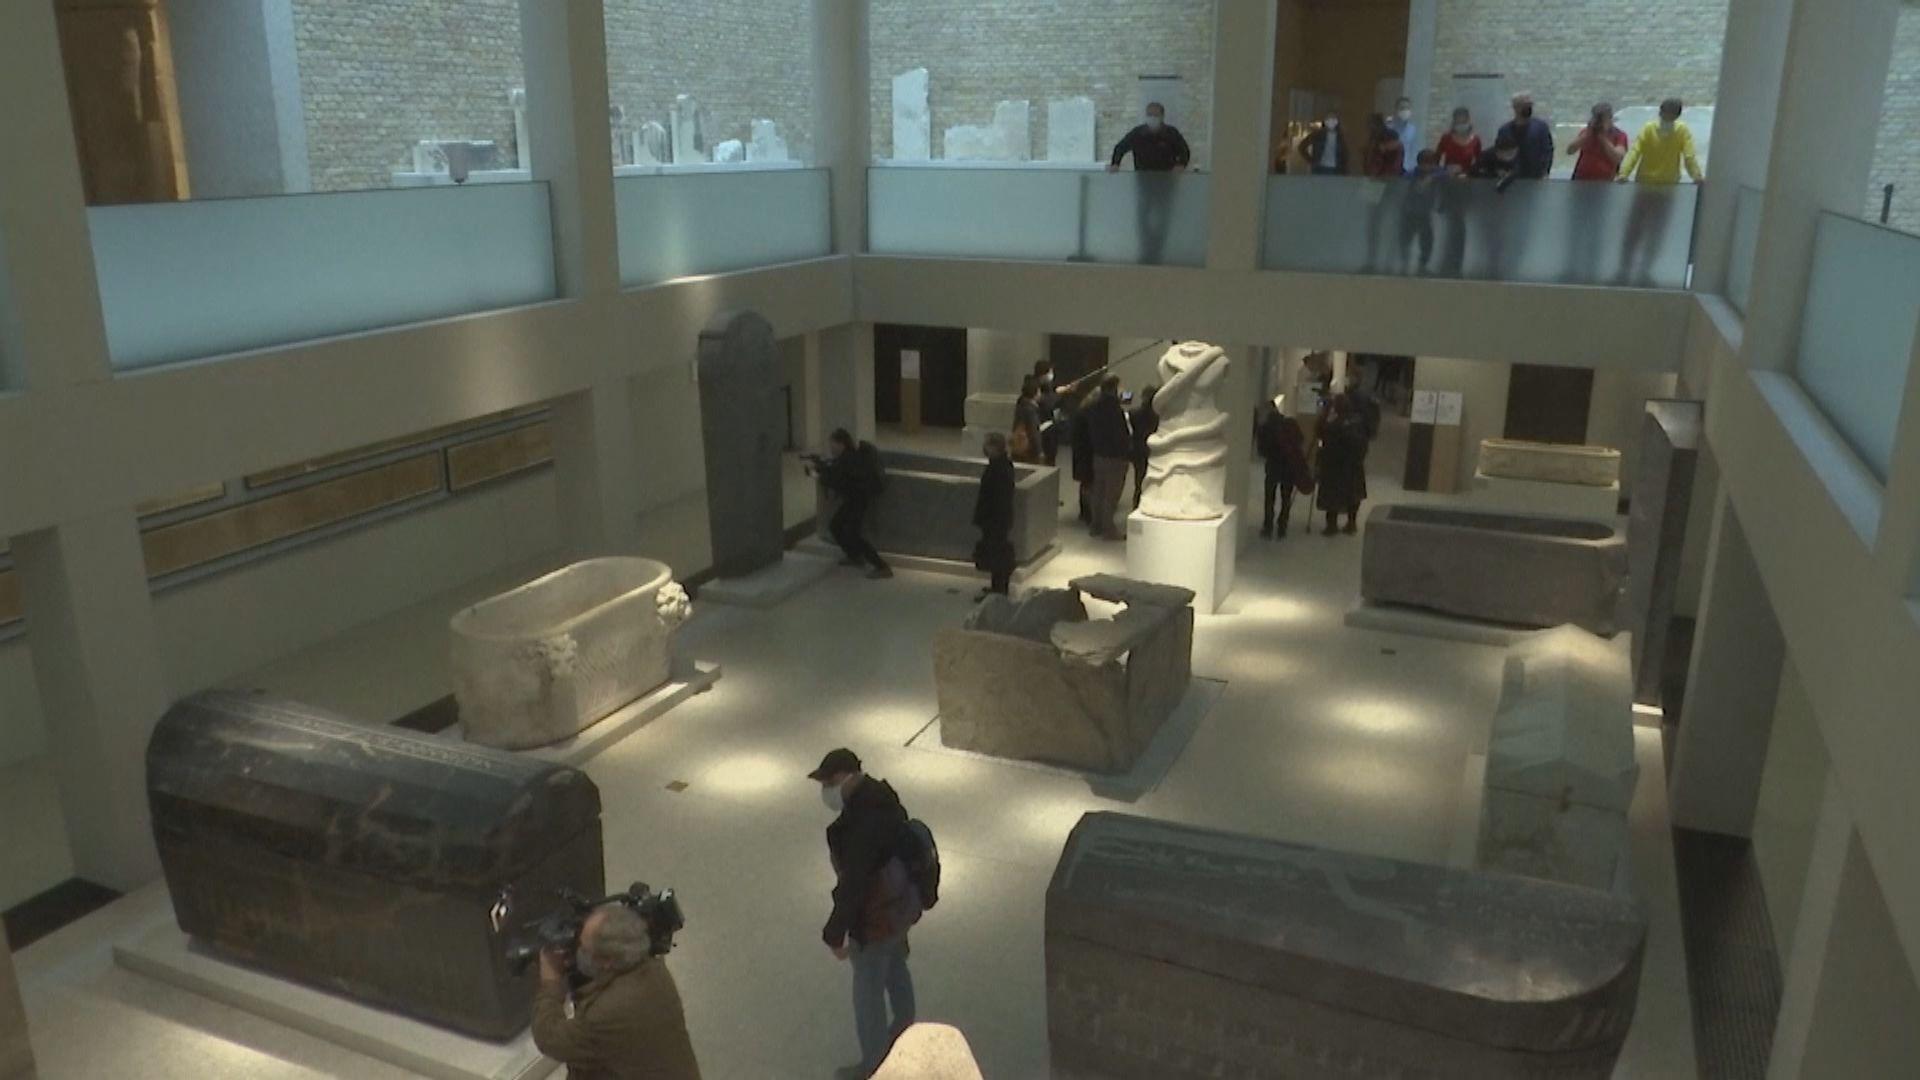 【環球薈報】德國柏林博物館館藏遭淋潑油性液體破壞